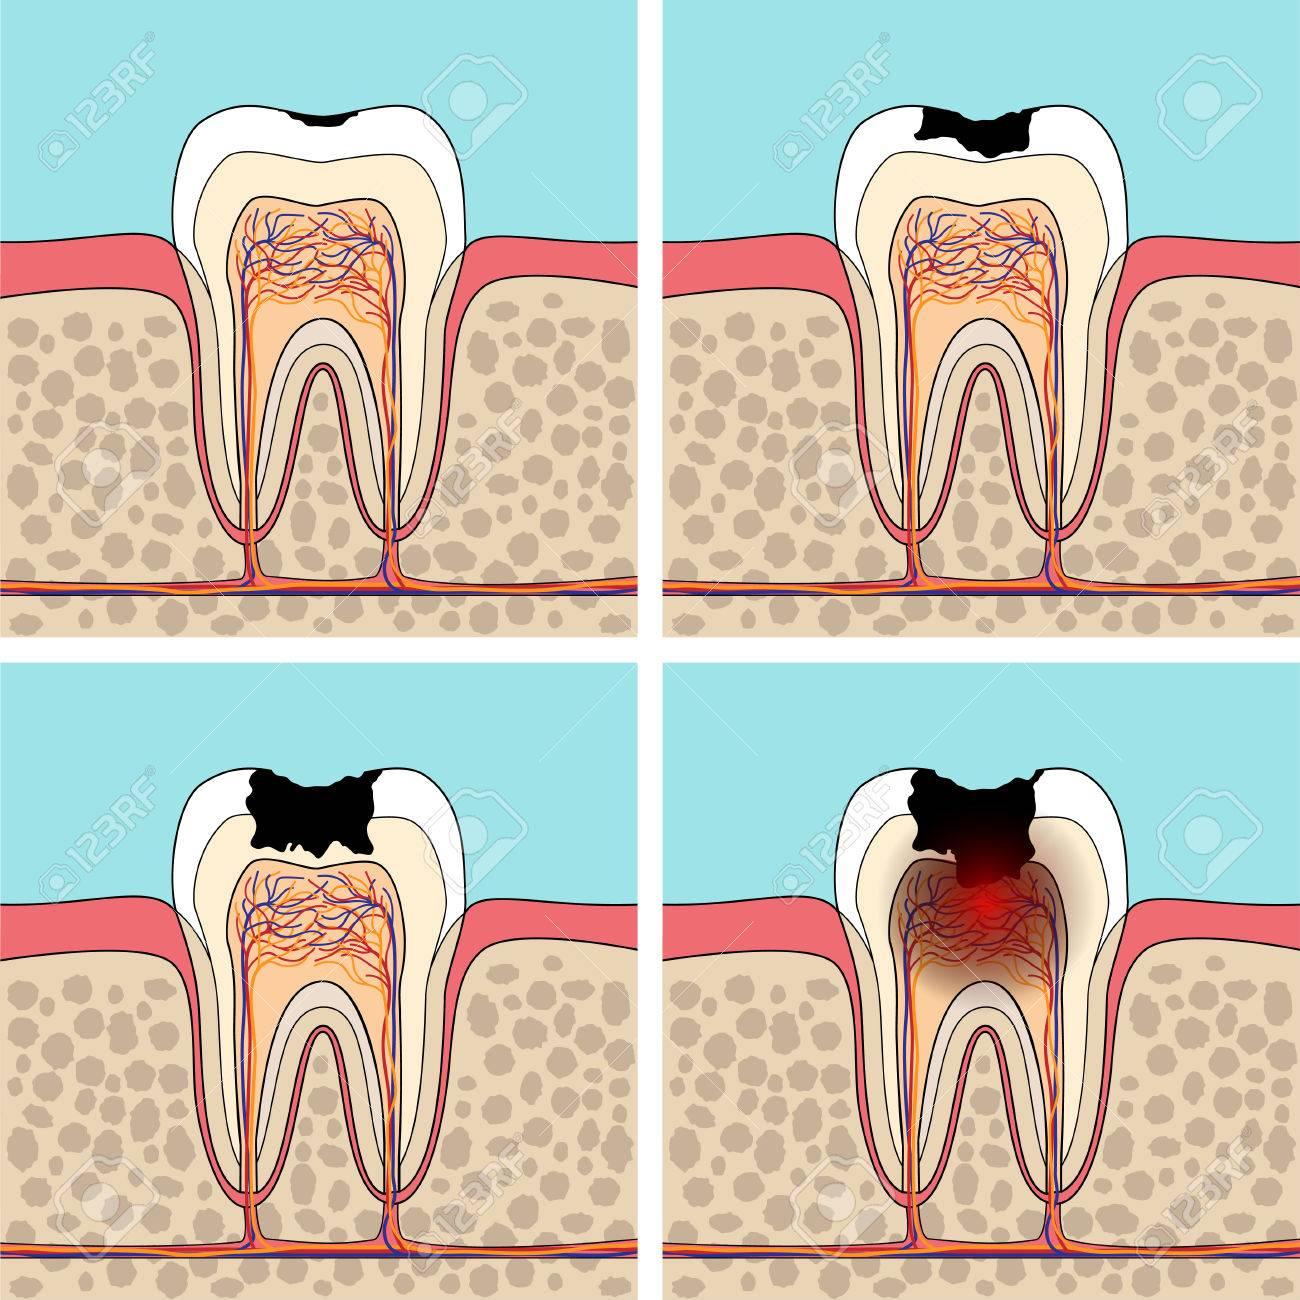 Etapas Caries Dental. Cruz Anatomía Sección De Diente Y Daños ...